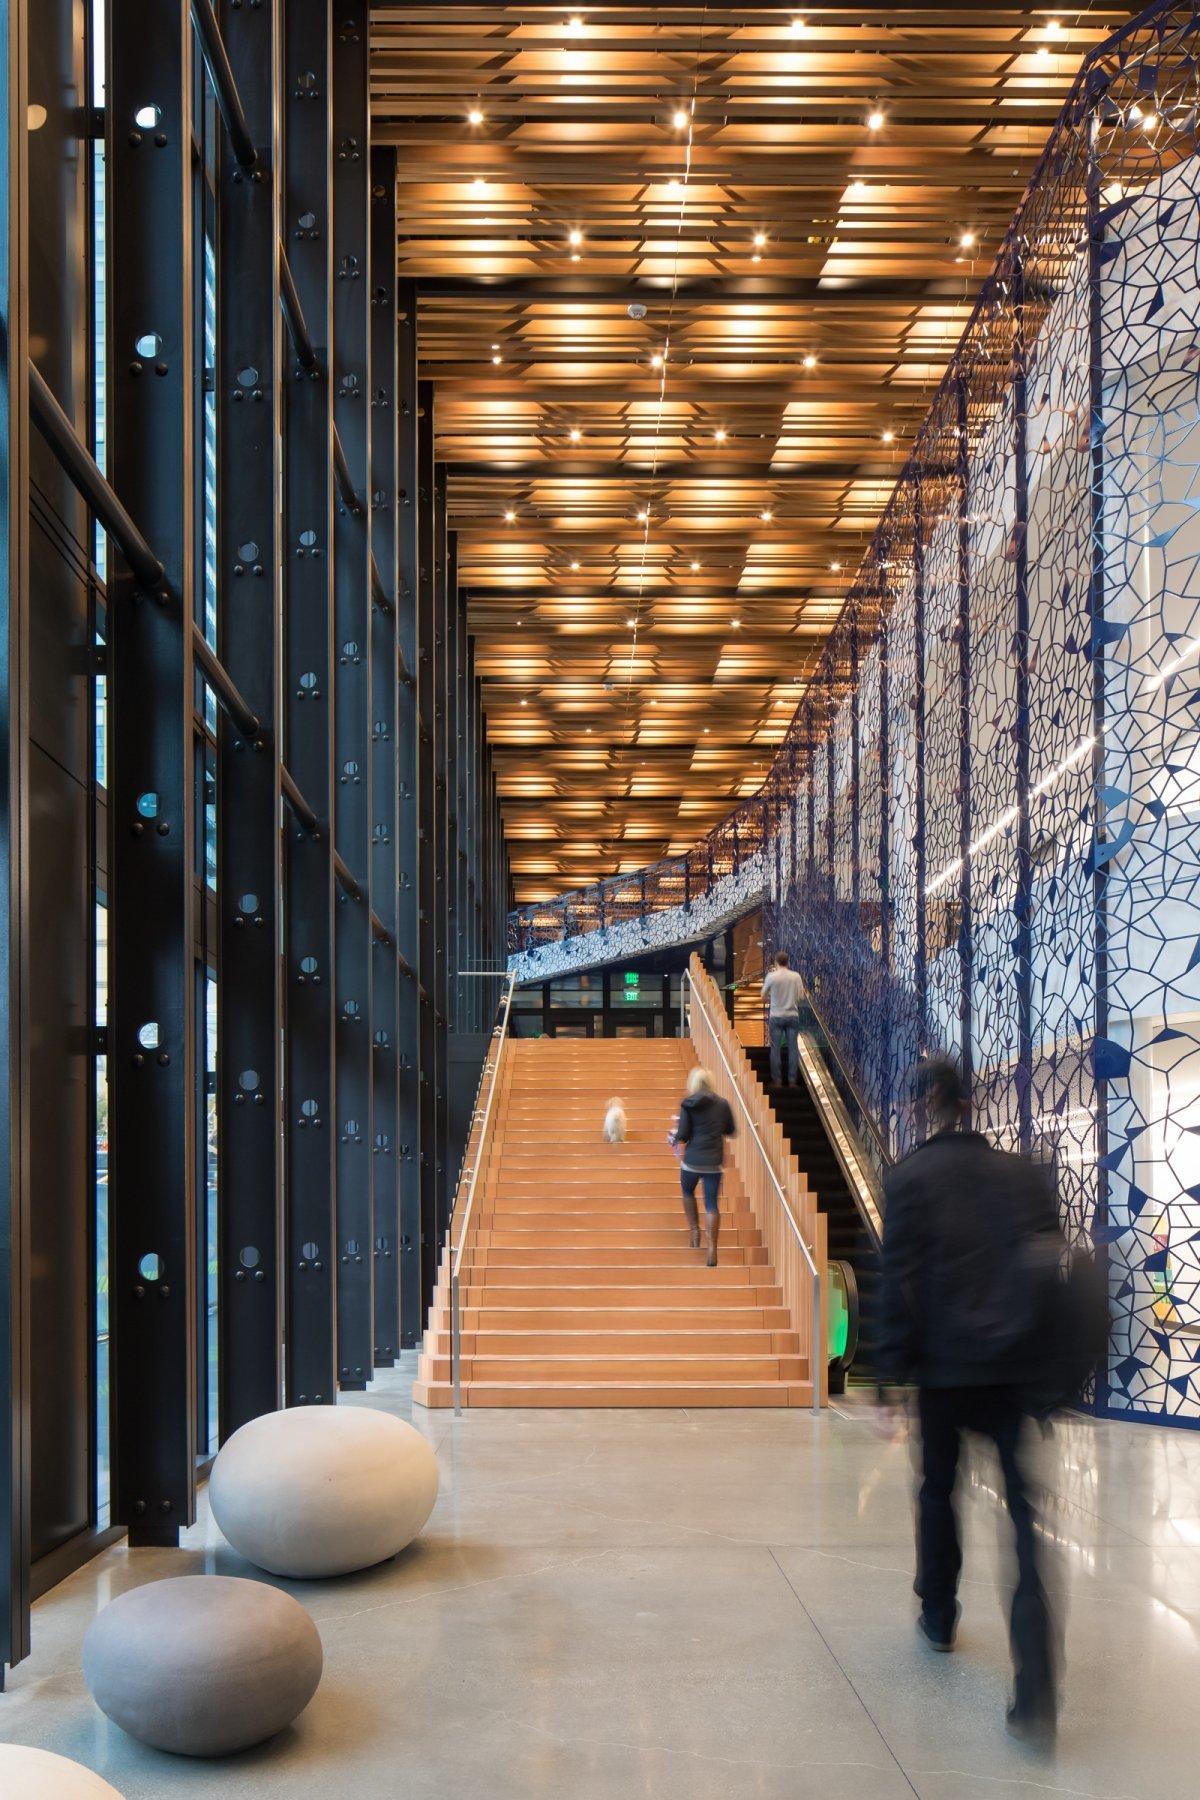 超高層ビルDay 1のロビー。階段周りは2階天井まで吹き抜けになっていて、とても開放的な雰囲気